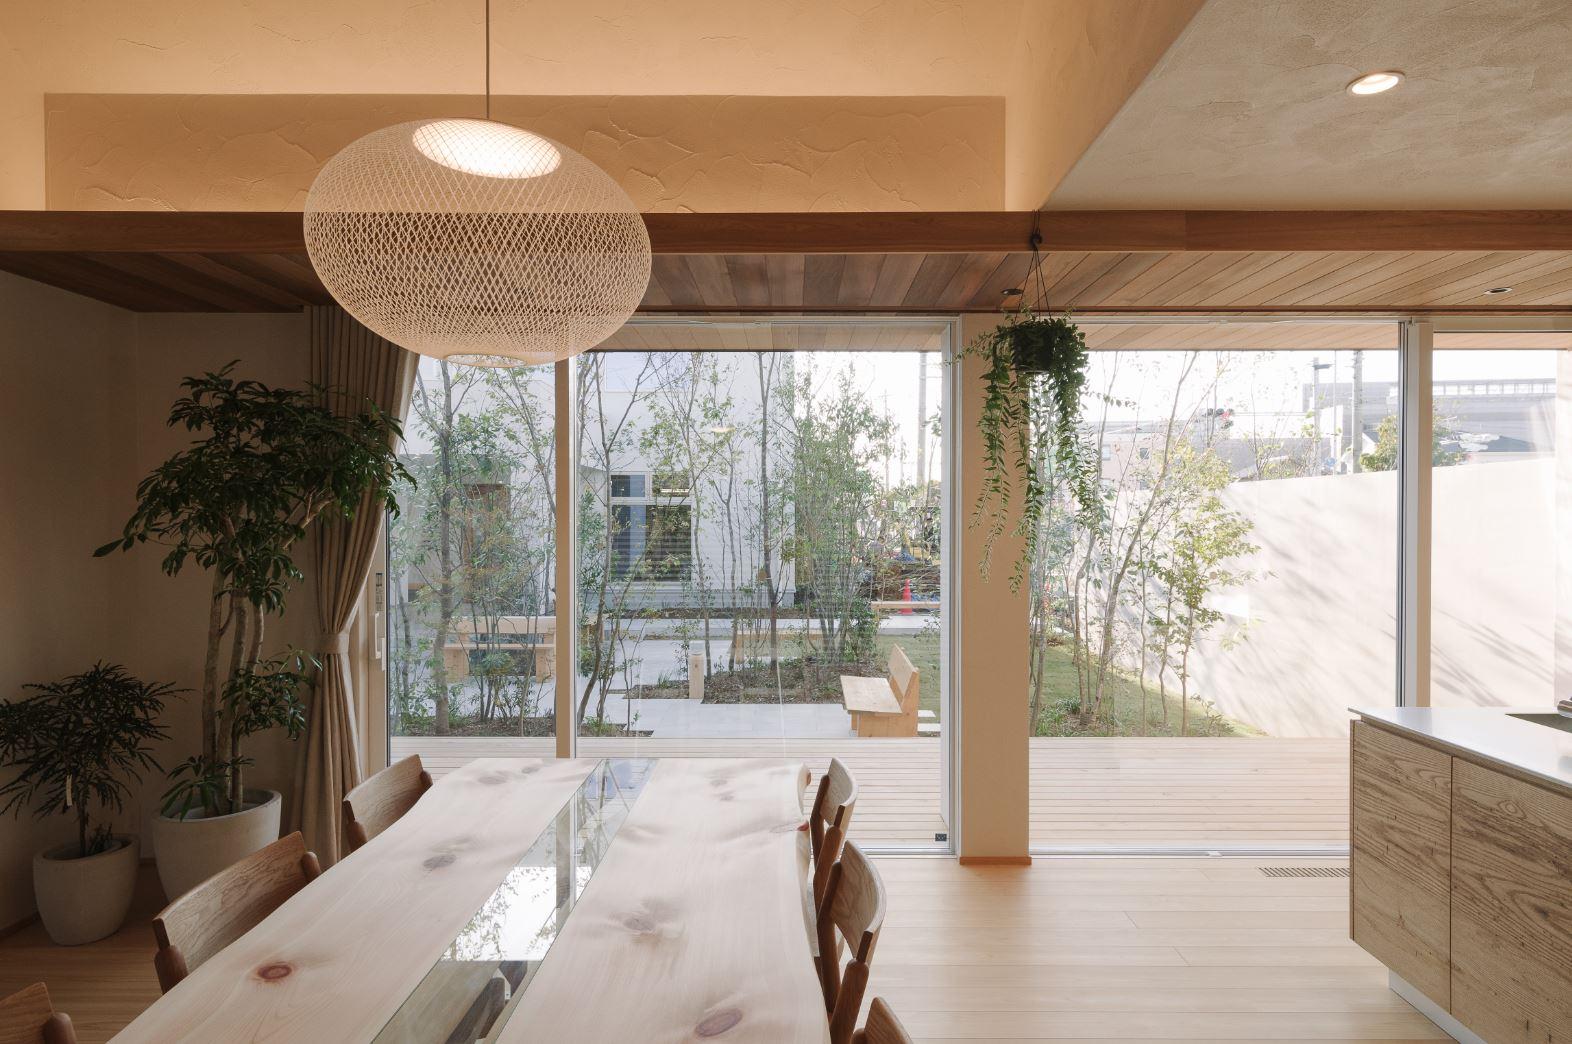 アイジースタイルハウス【浜松市東区和田町439-1・モデルハウス】天井まで届くフルハイサッシを採用したことで、外と中のつながりが感じられ、四季折々の庭の景色を眺めながら暮らせる。これだけ大きな窓を使っても、「地球品質」の家だから結露知らず。無垢の床、漆喰の塗り壁の経年変化も楽しみだ。ヒノキ丸太のスライステーブルは同社のオリジナル製作